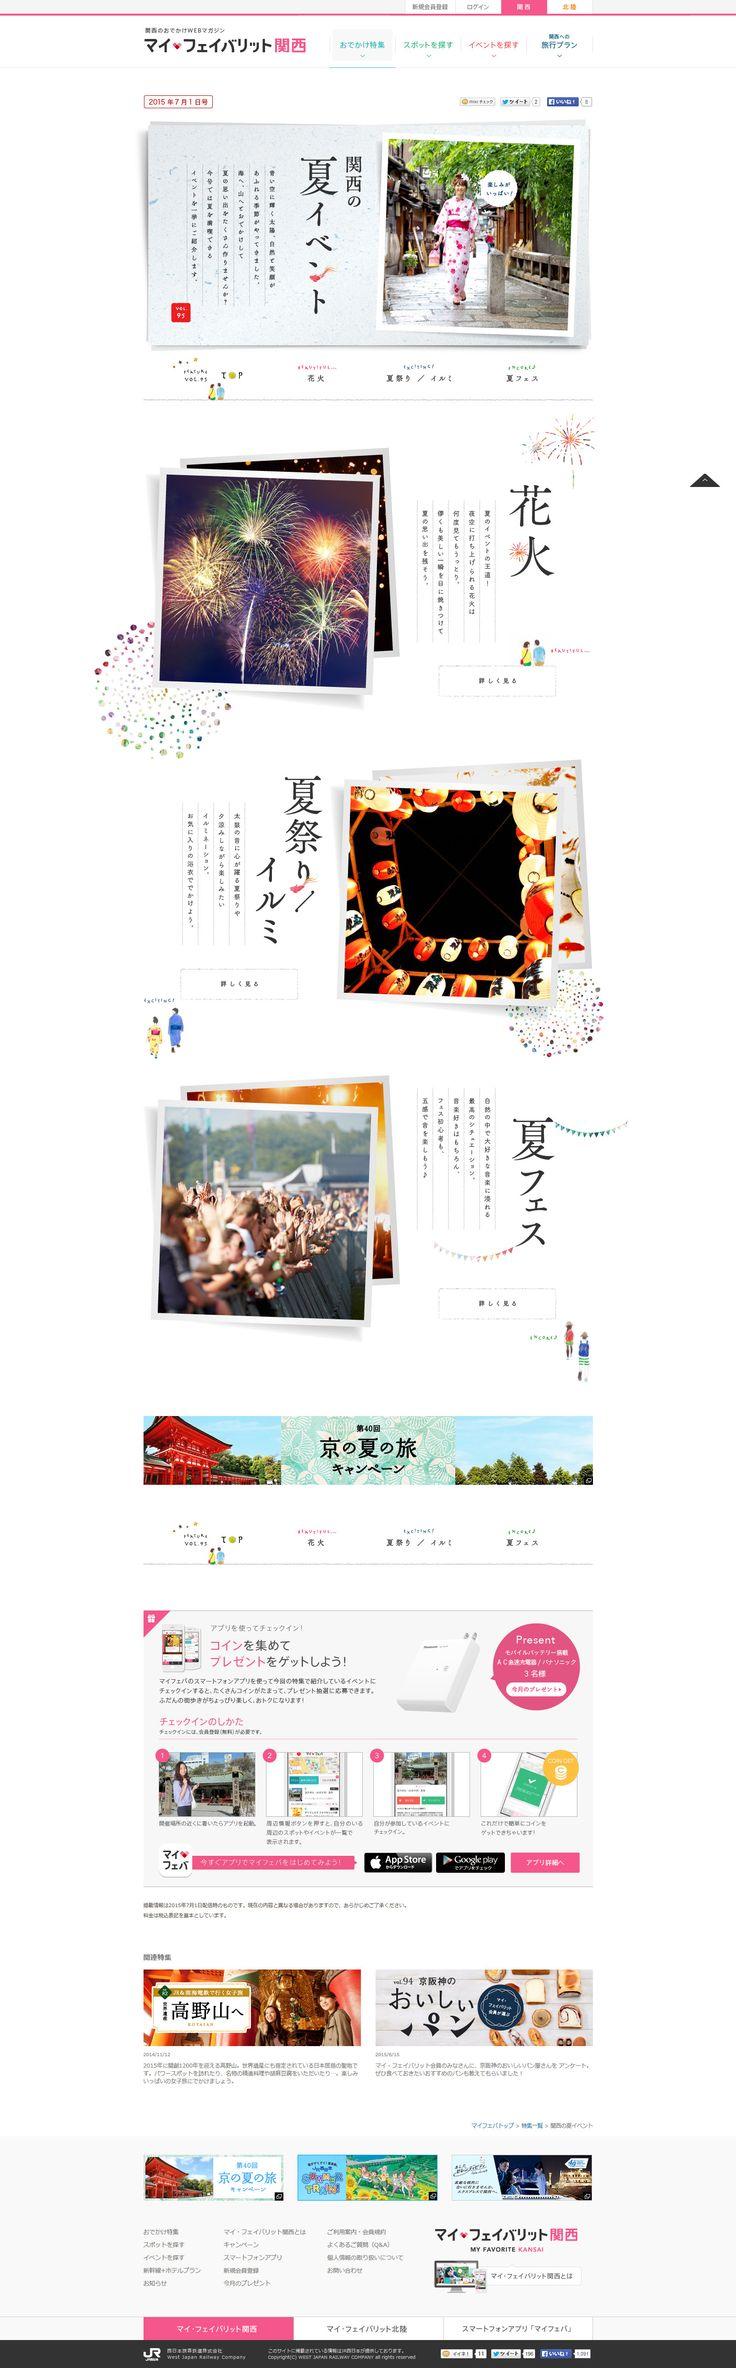 【特集Vol.95】 関西の夏イベント